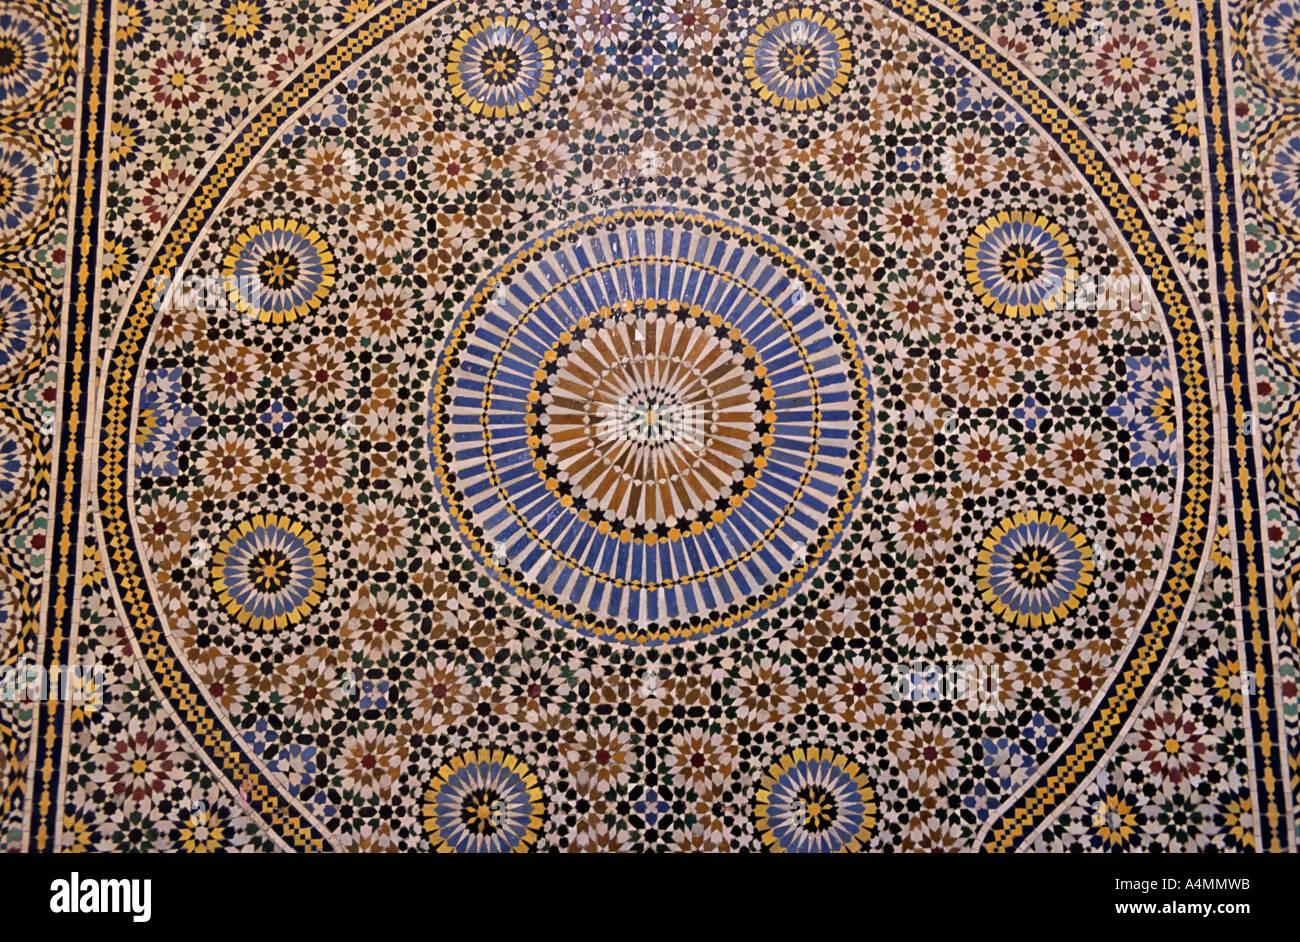 Il marocco fes marocchino tradizionale parete mosaico fatto da